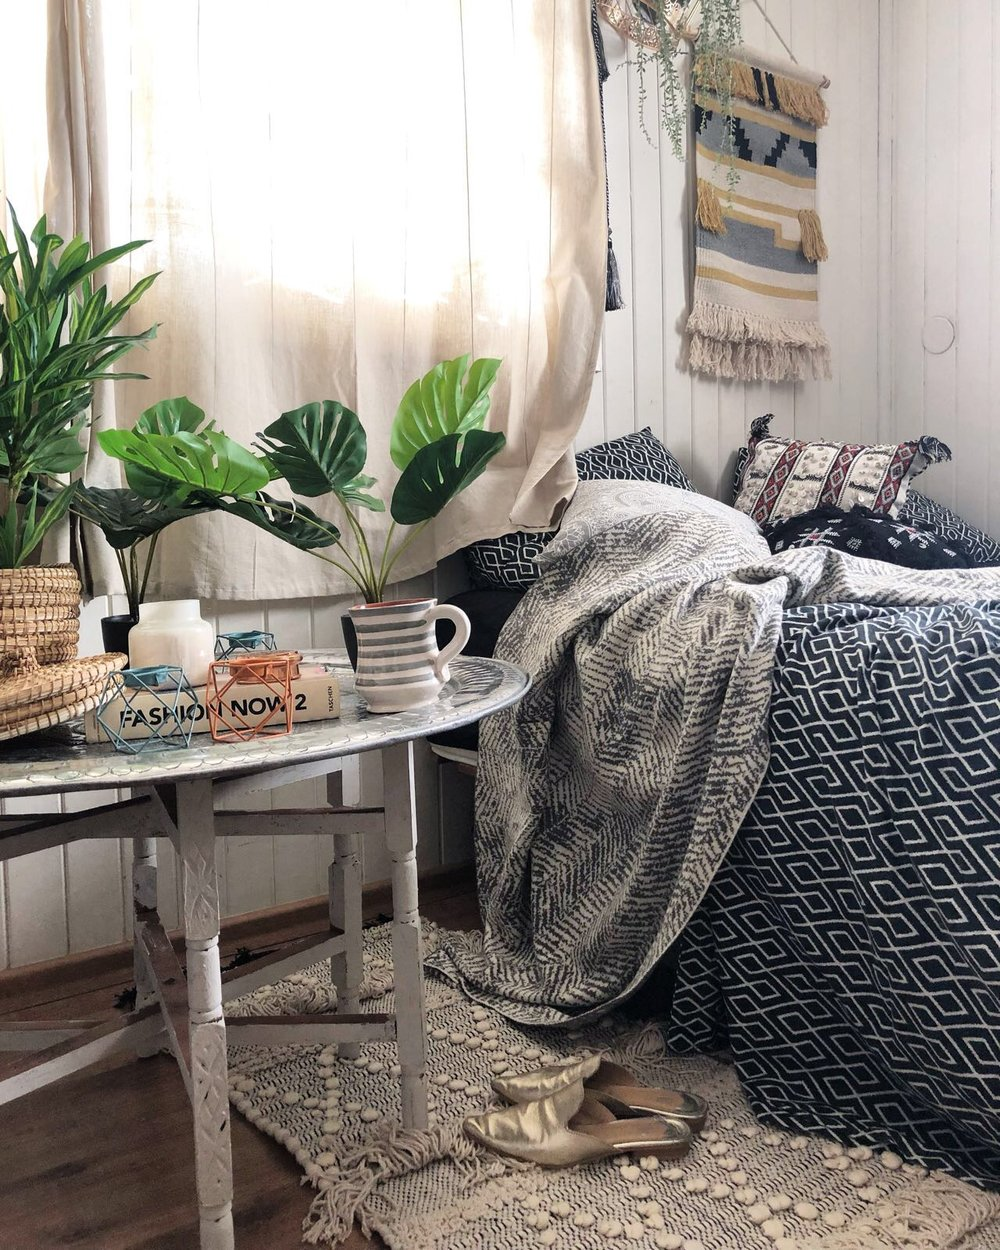 כלים ואביזרים  House_of_Regina להשיג בפופ אפ 15-17/11 רמת השרון  שטיח תמרינדי 300 ש״ח